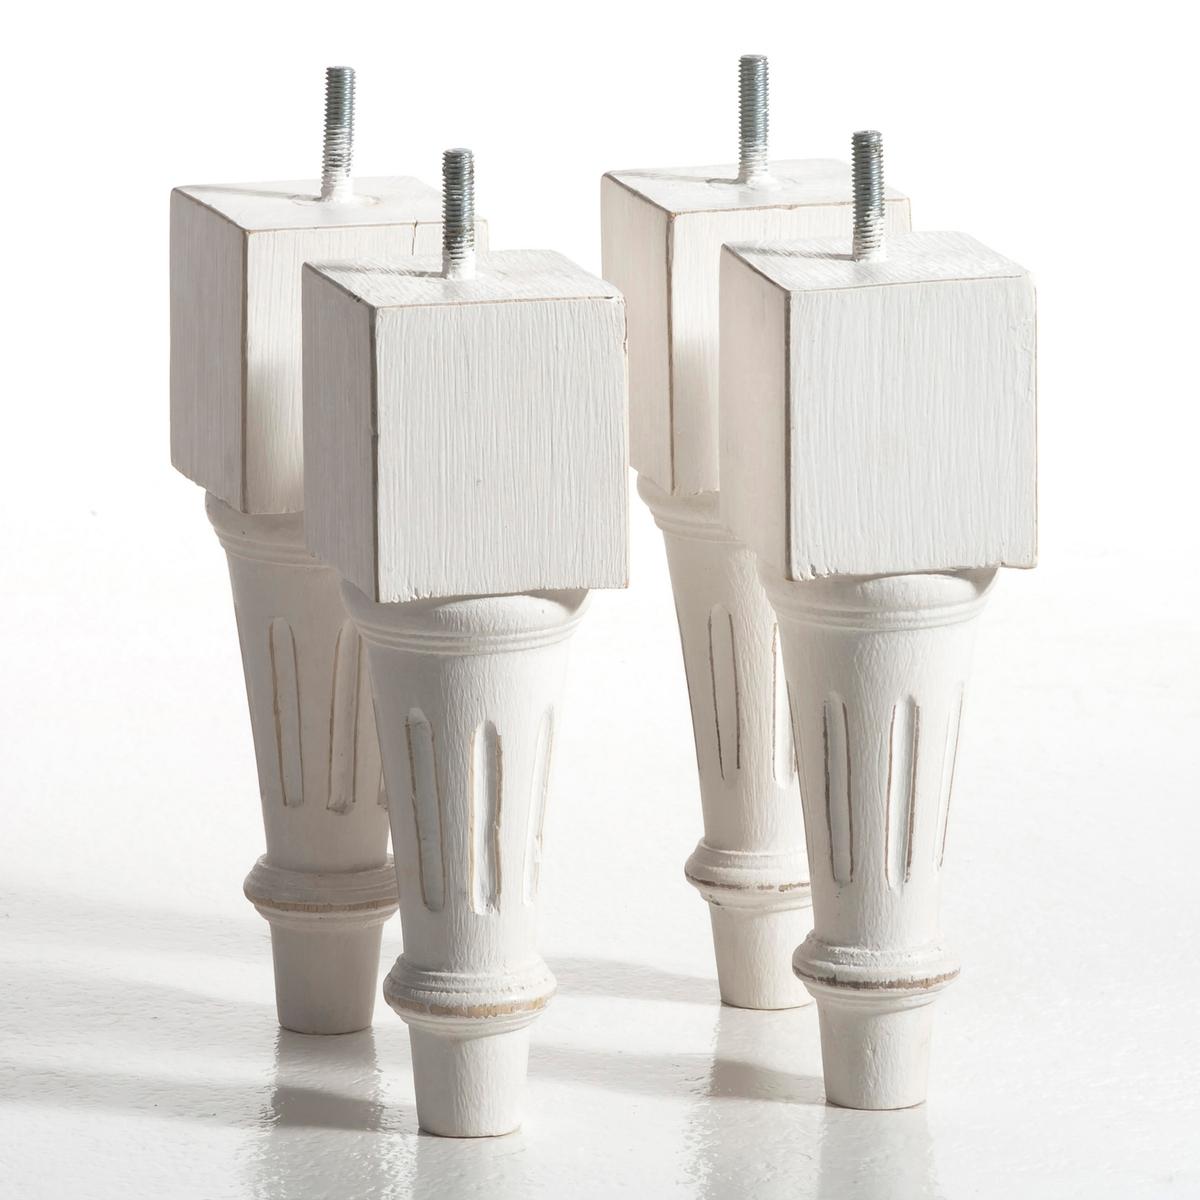 4 резные ножки для кроватиРезные ножки для кровати в стиле Людовика XVI, сочетаются с изголовьем Pacato (продается на нашем сайте), адаптируются к любым каркасам кроватей с возможностью резьбового крепления ножек.   Выполнены из массива мангового дерева, отделка: состаренный акриловый лак и нитроцеллюлозный лак. Комплект из 4 резных ножек для кровати. Основание: 6 x 6, выс.20 см.<br><br>Цвет: бежевый экрю,белый,серый,черный<br>Размер: комплект из 4